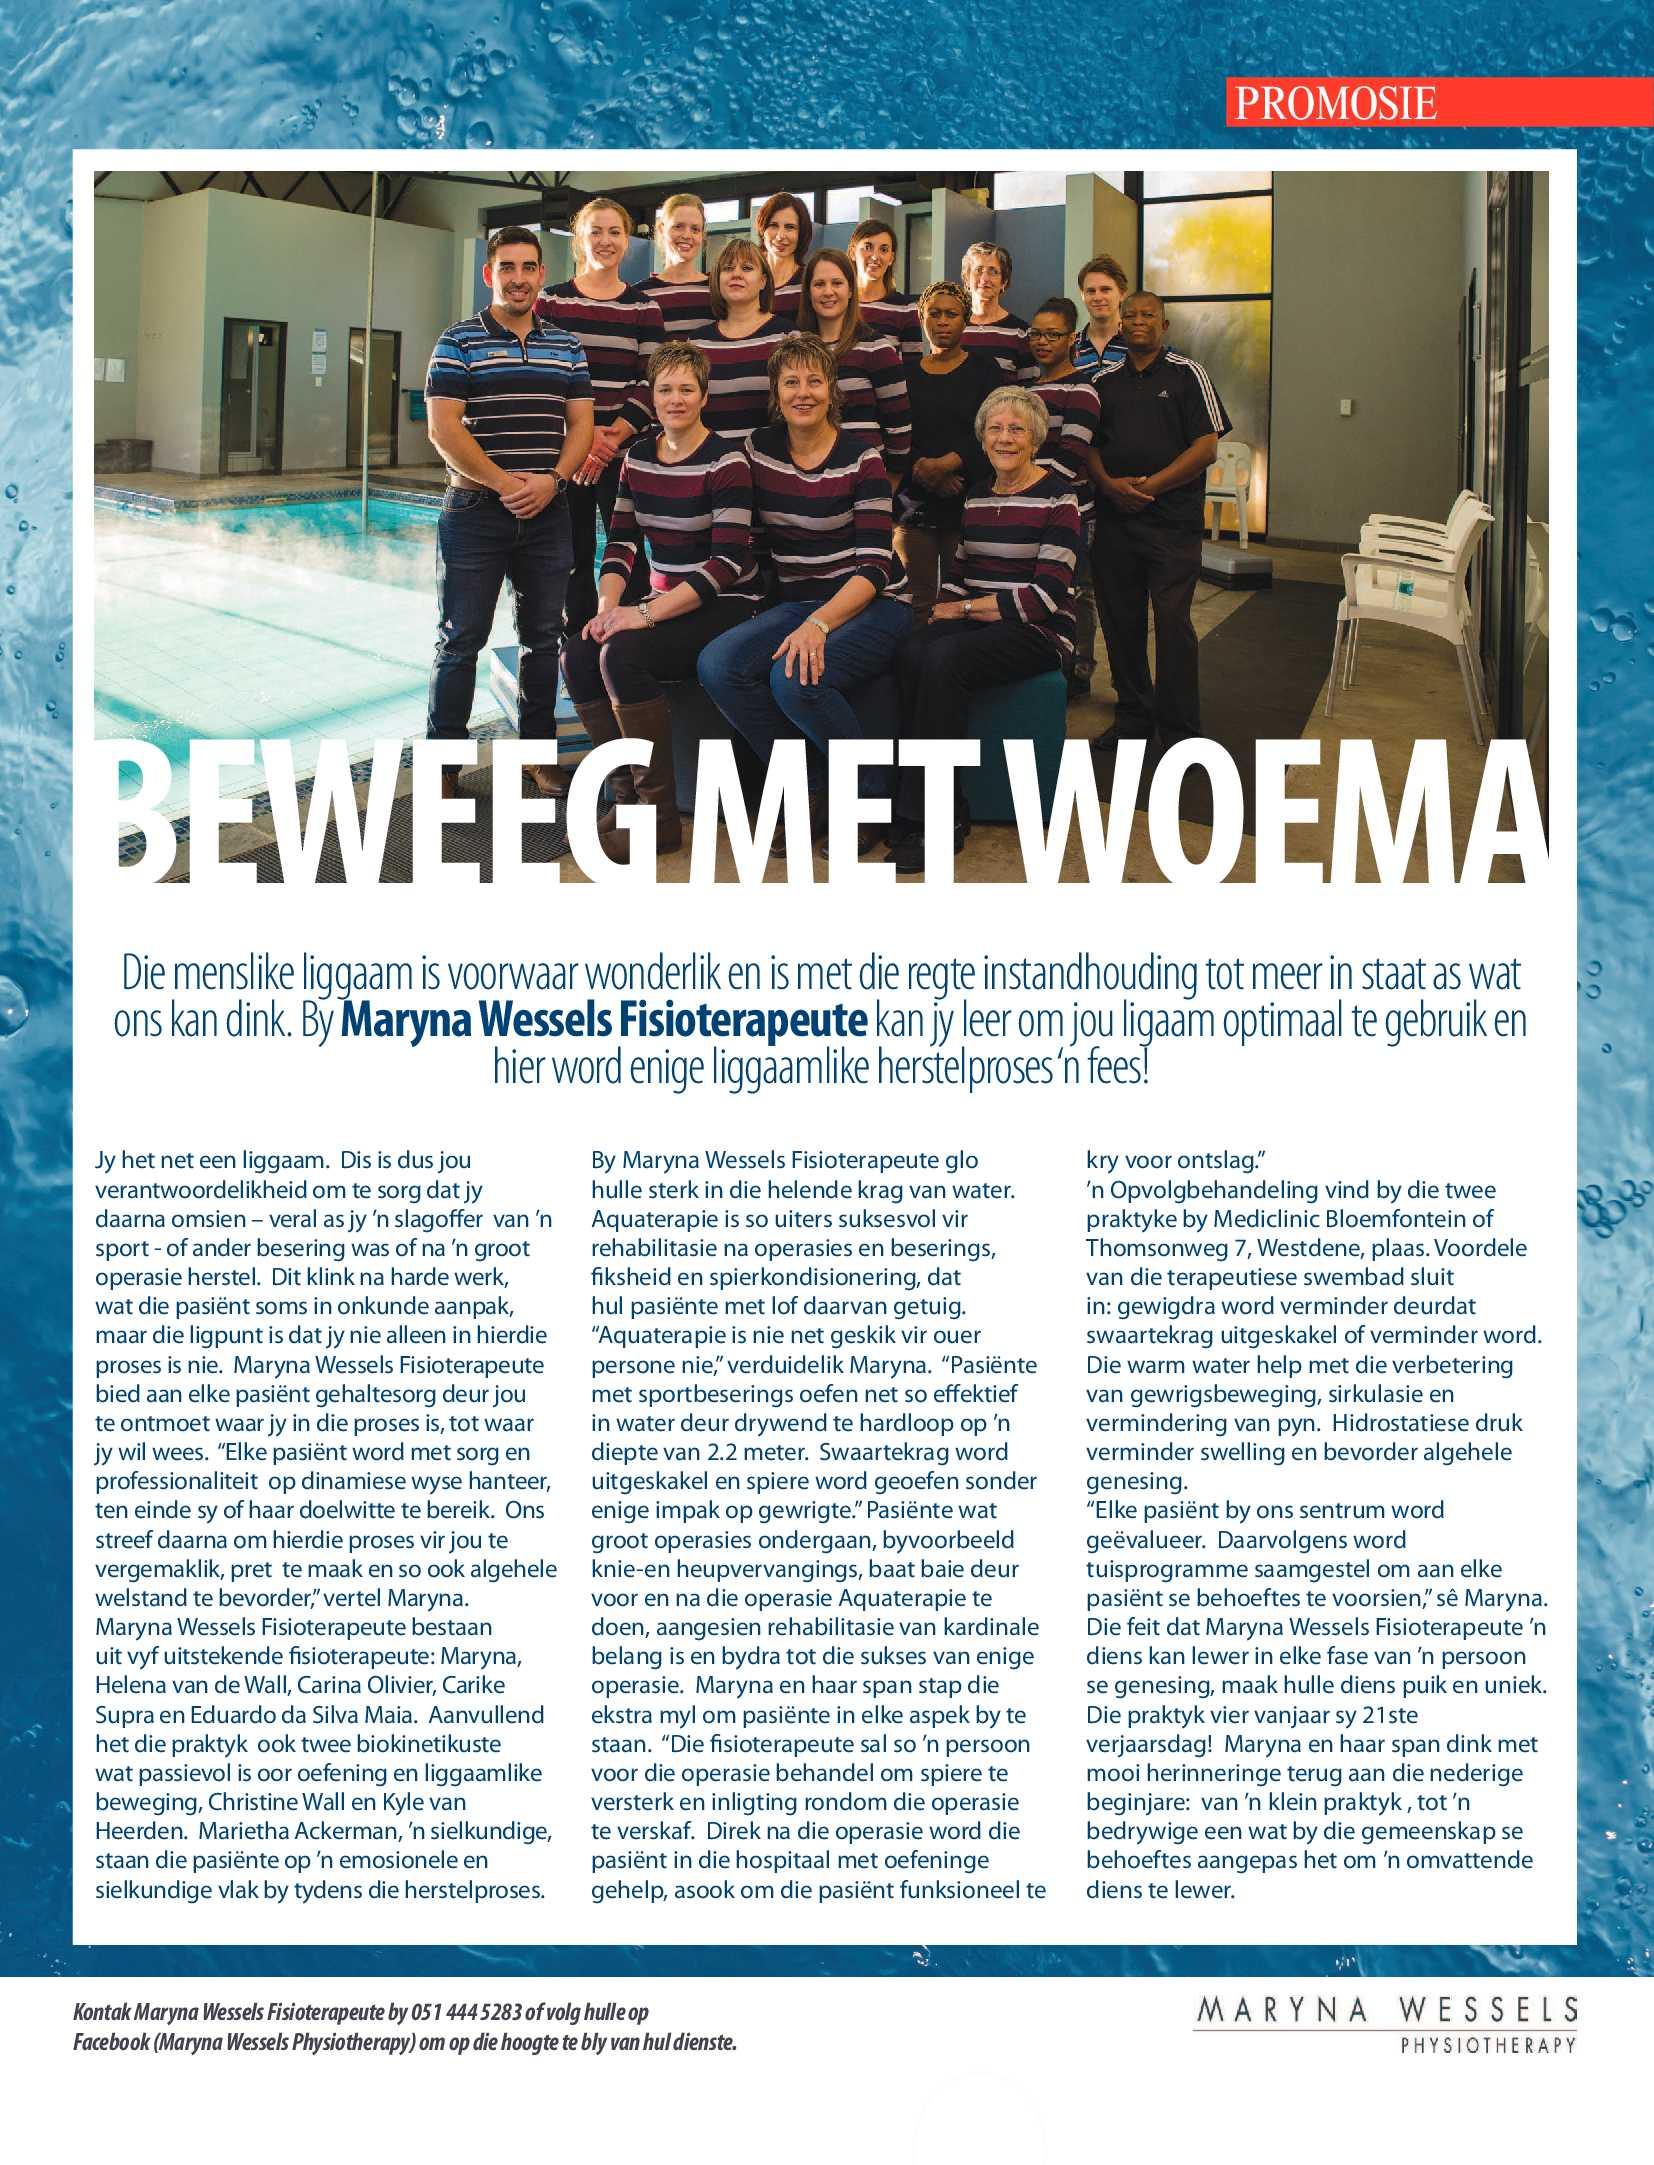 get-bloemfontein-september-2017-epapers-page-25